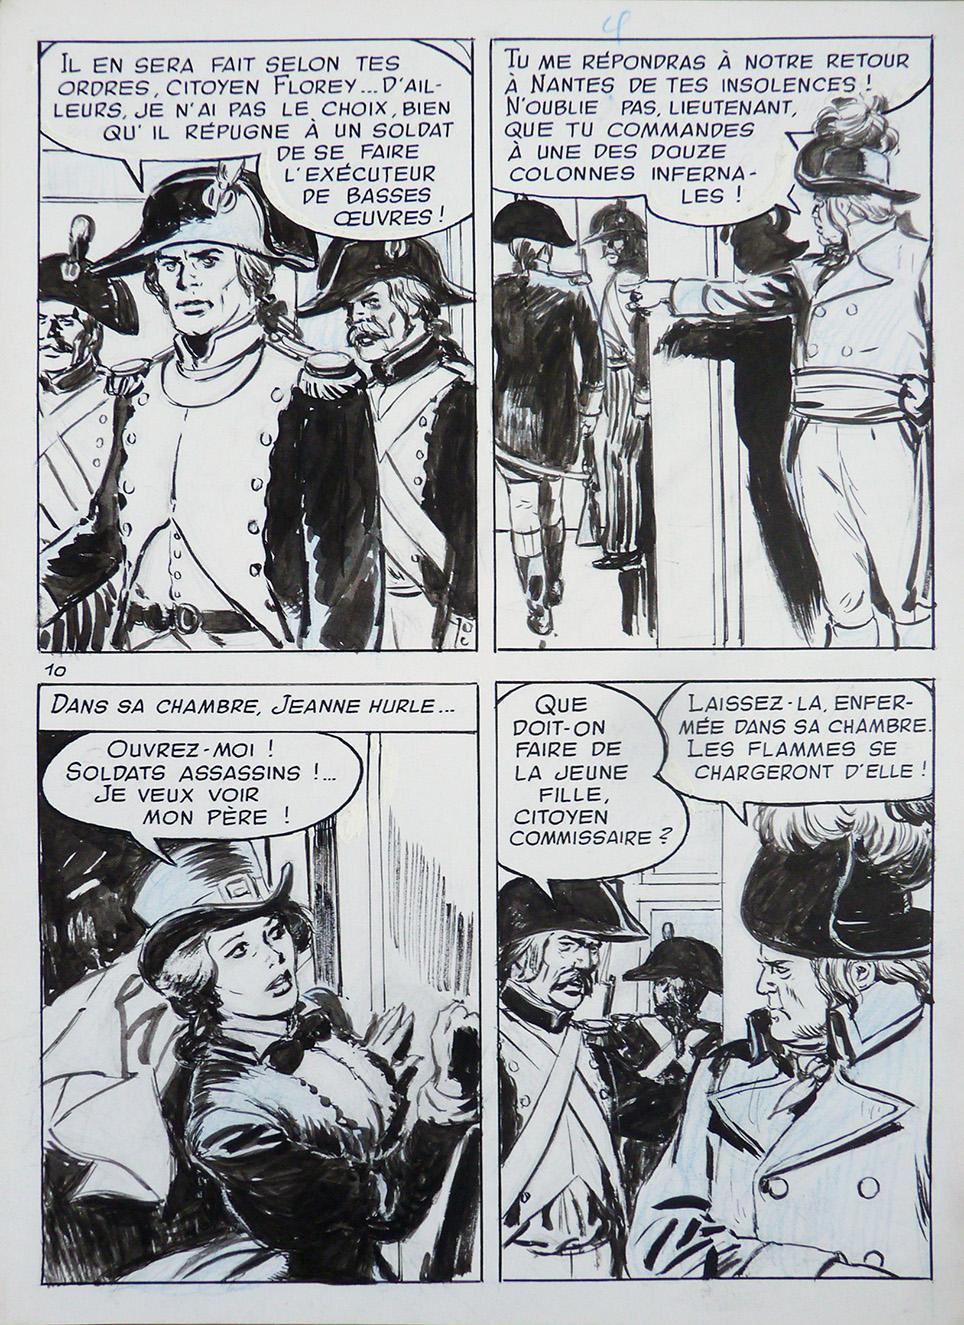 Une planche originale, pas si moche que ça !, de « La Chouette » publiée dans Frimousse en 1969.